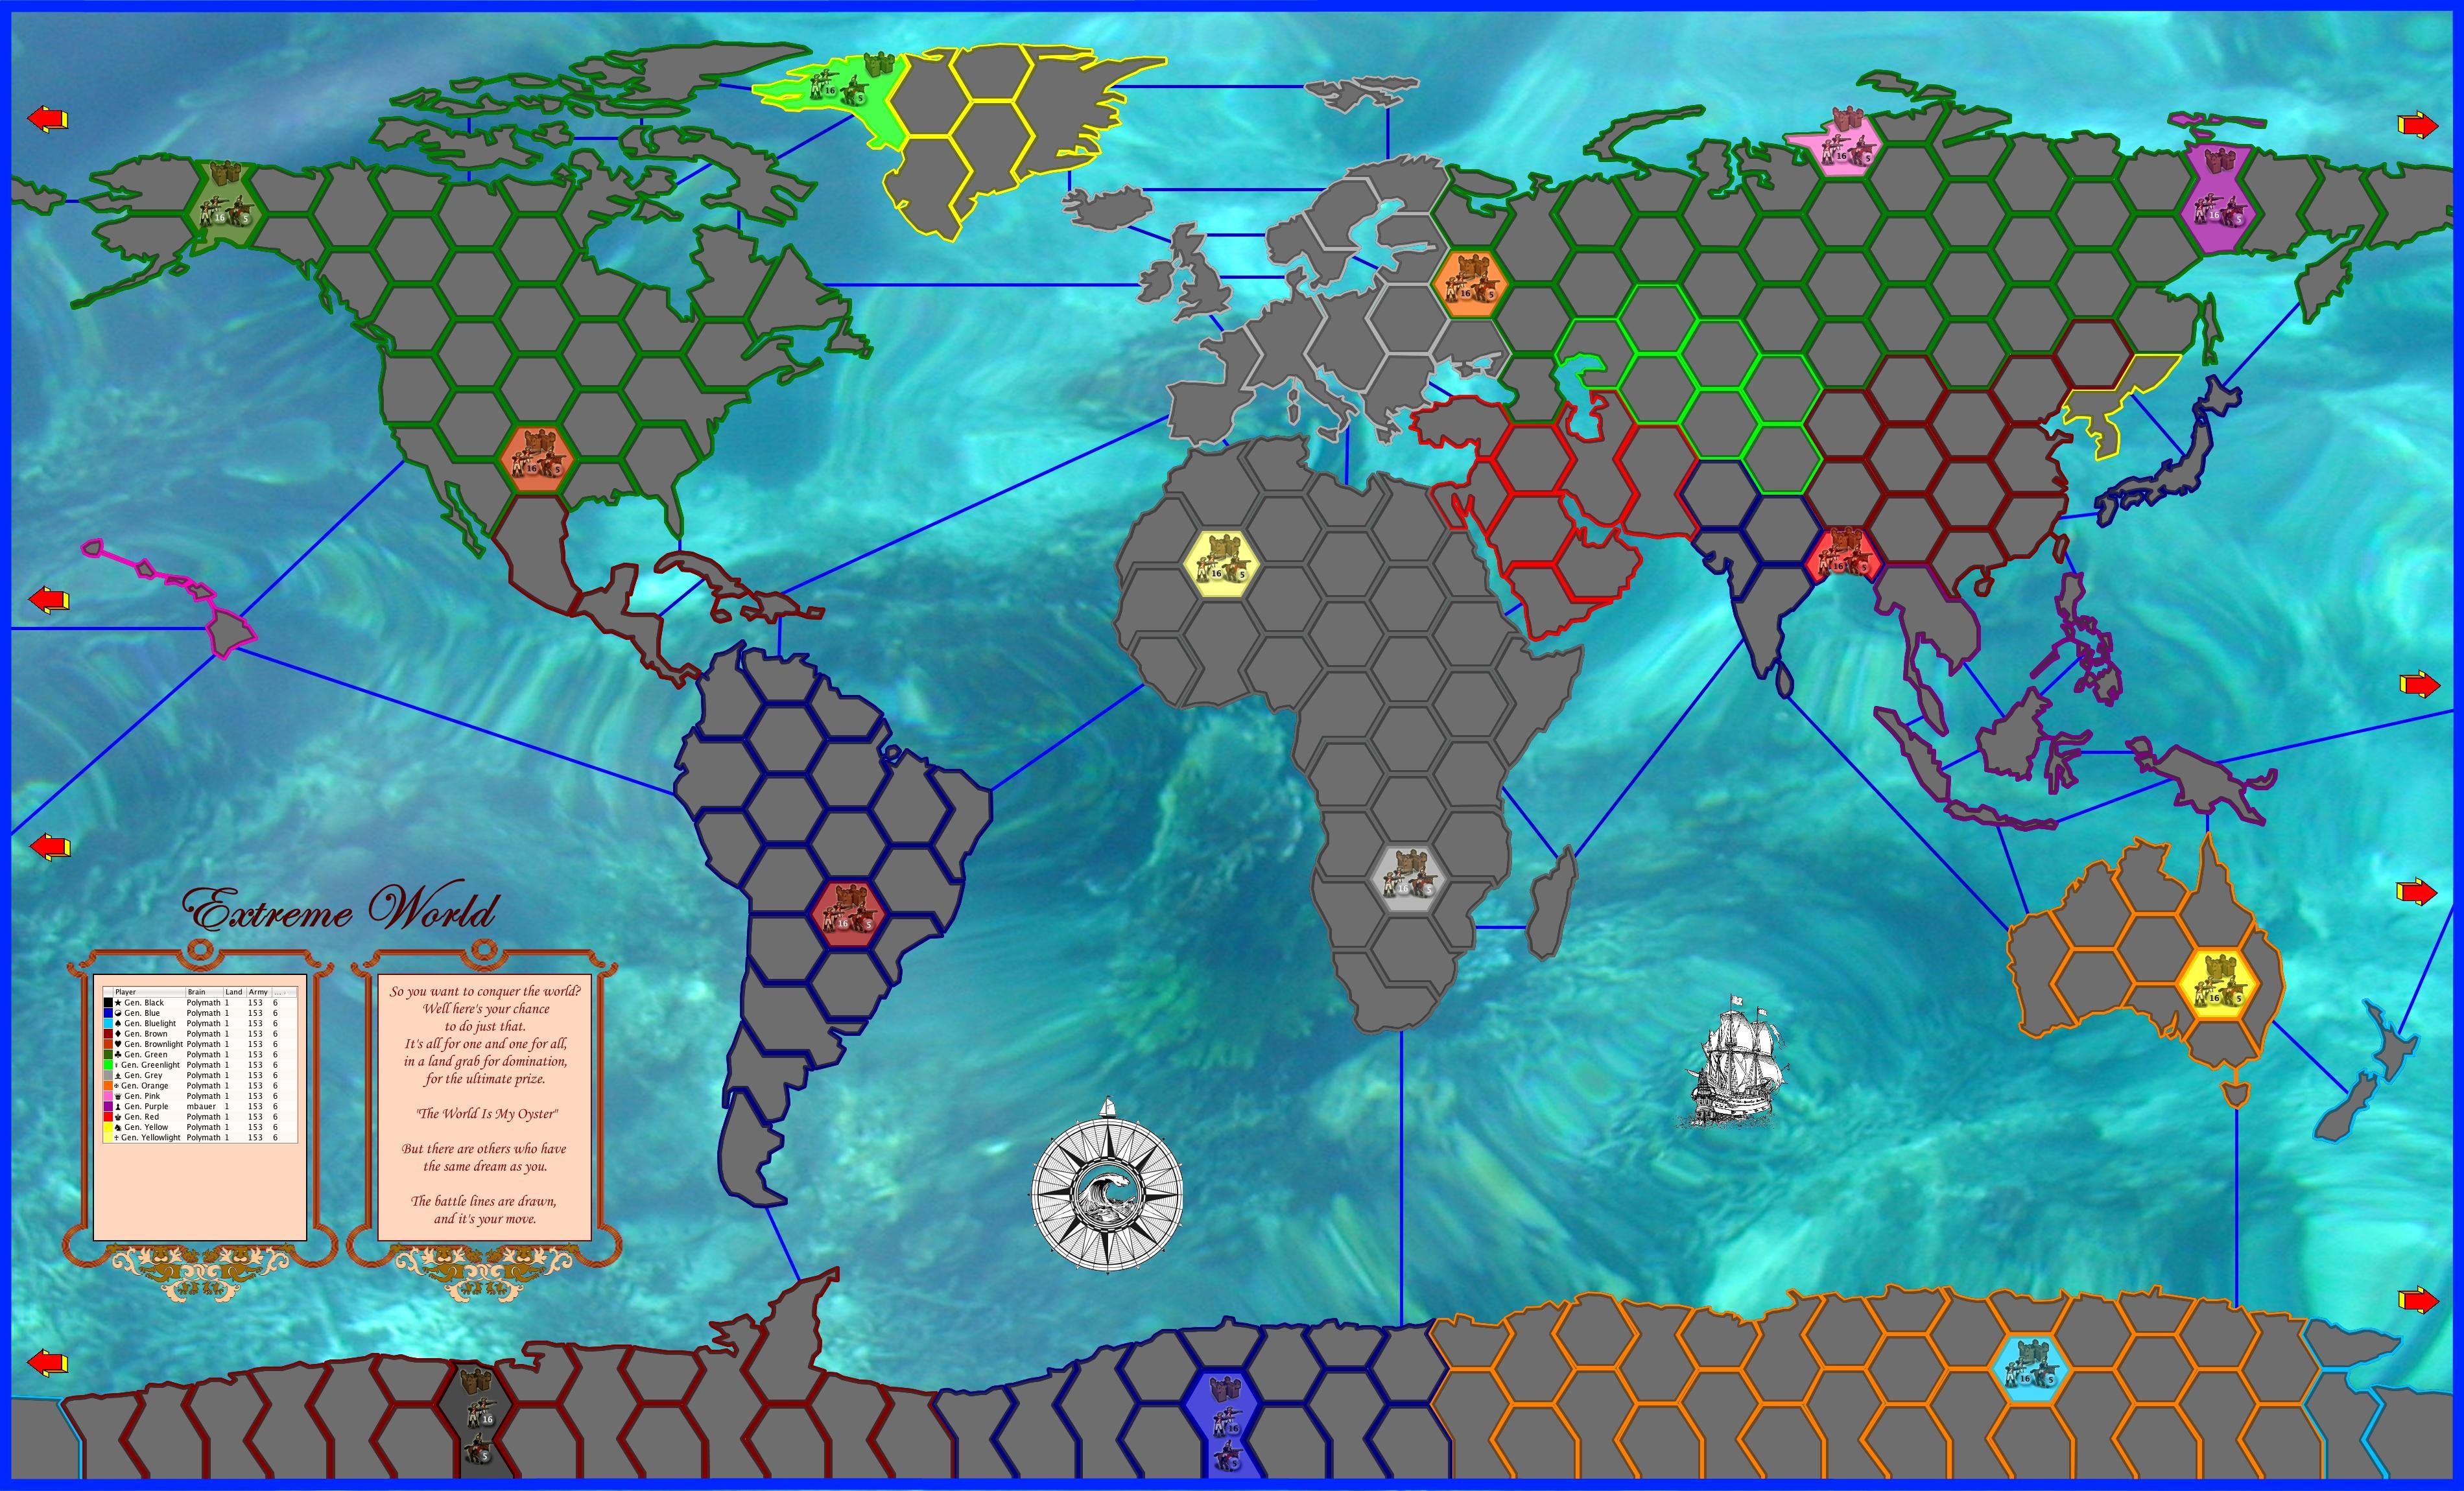 EXTREME WORLD Map